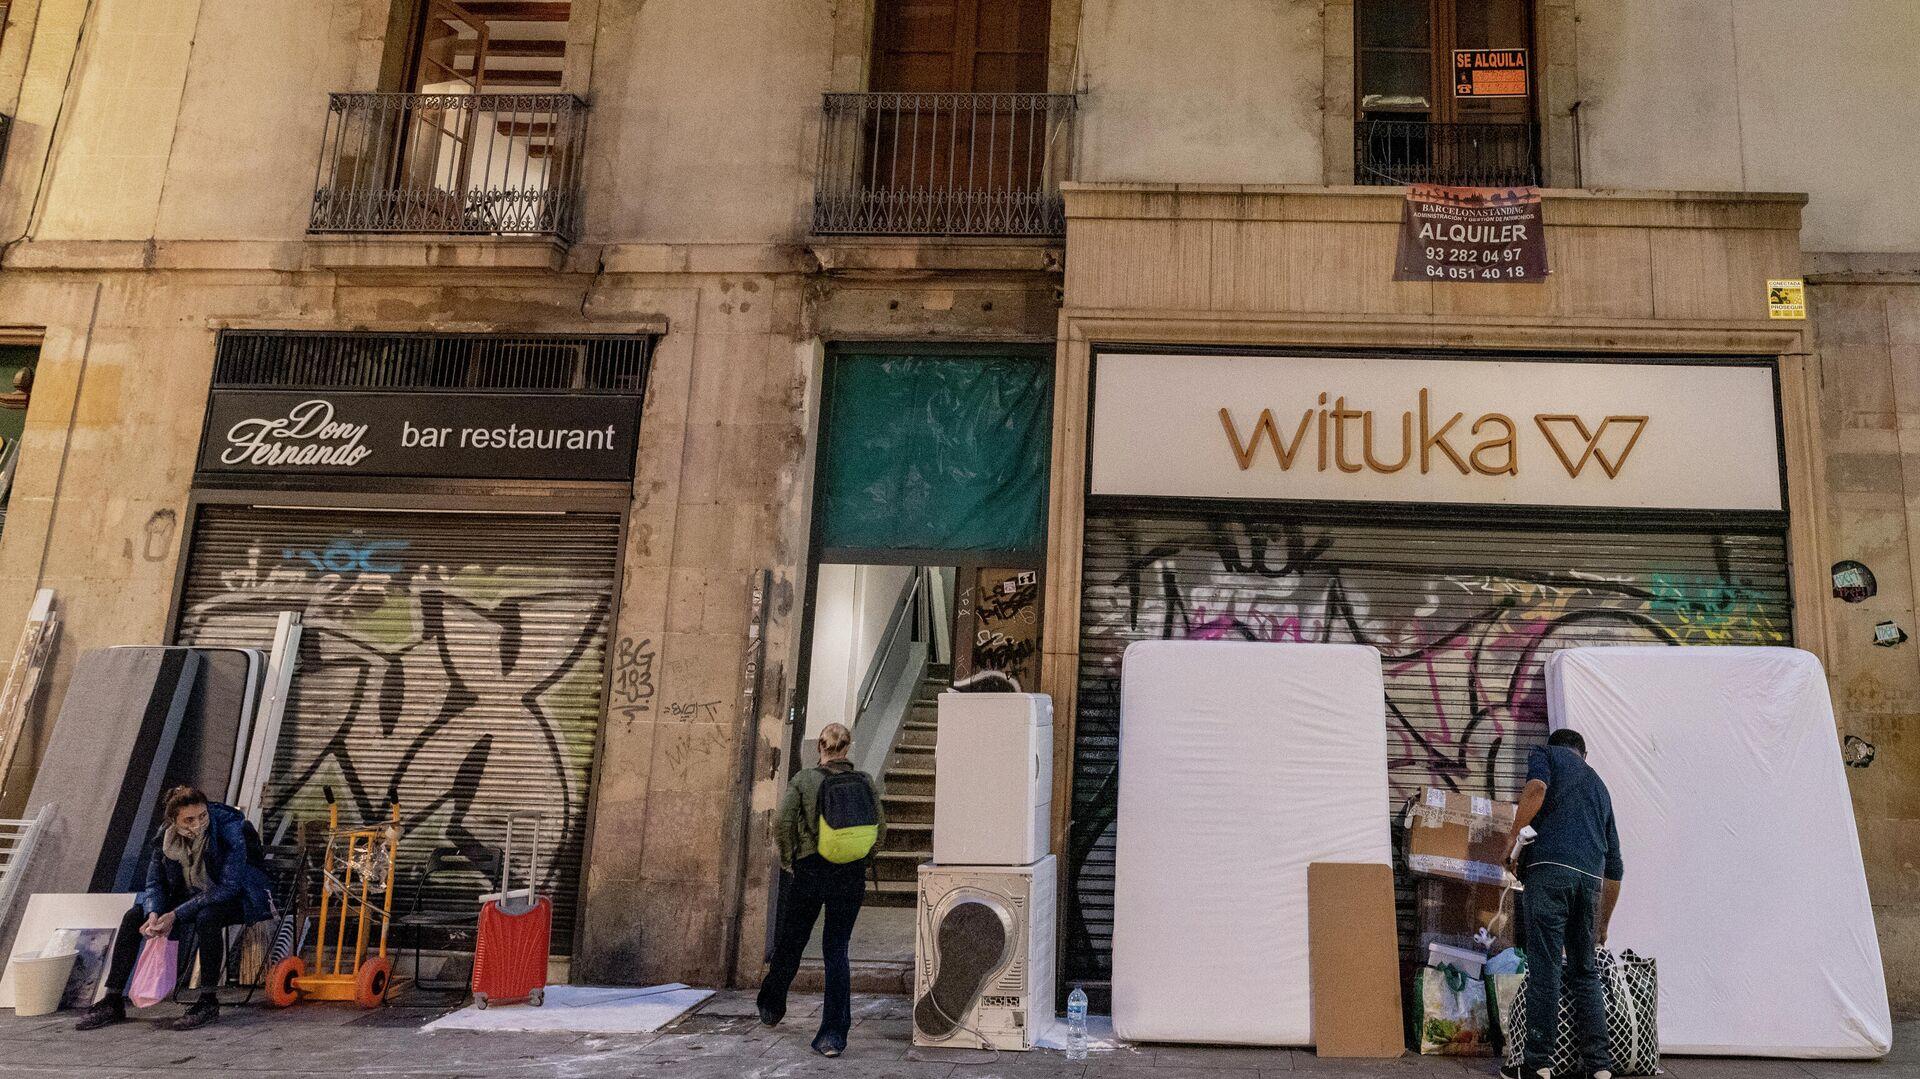 Locales cerrados del centro de Barcelona - Sputnik Mundo, 1920, 18.05.2021